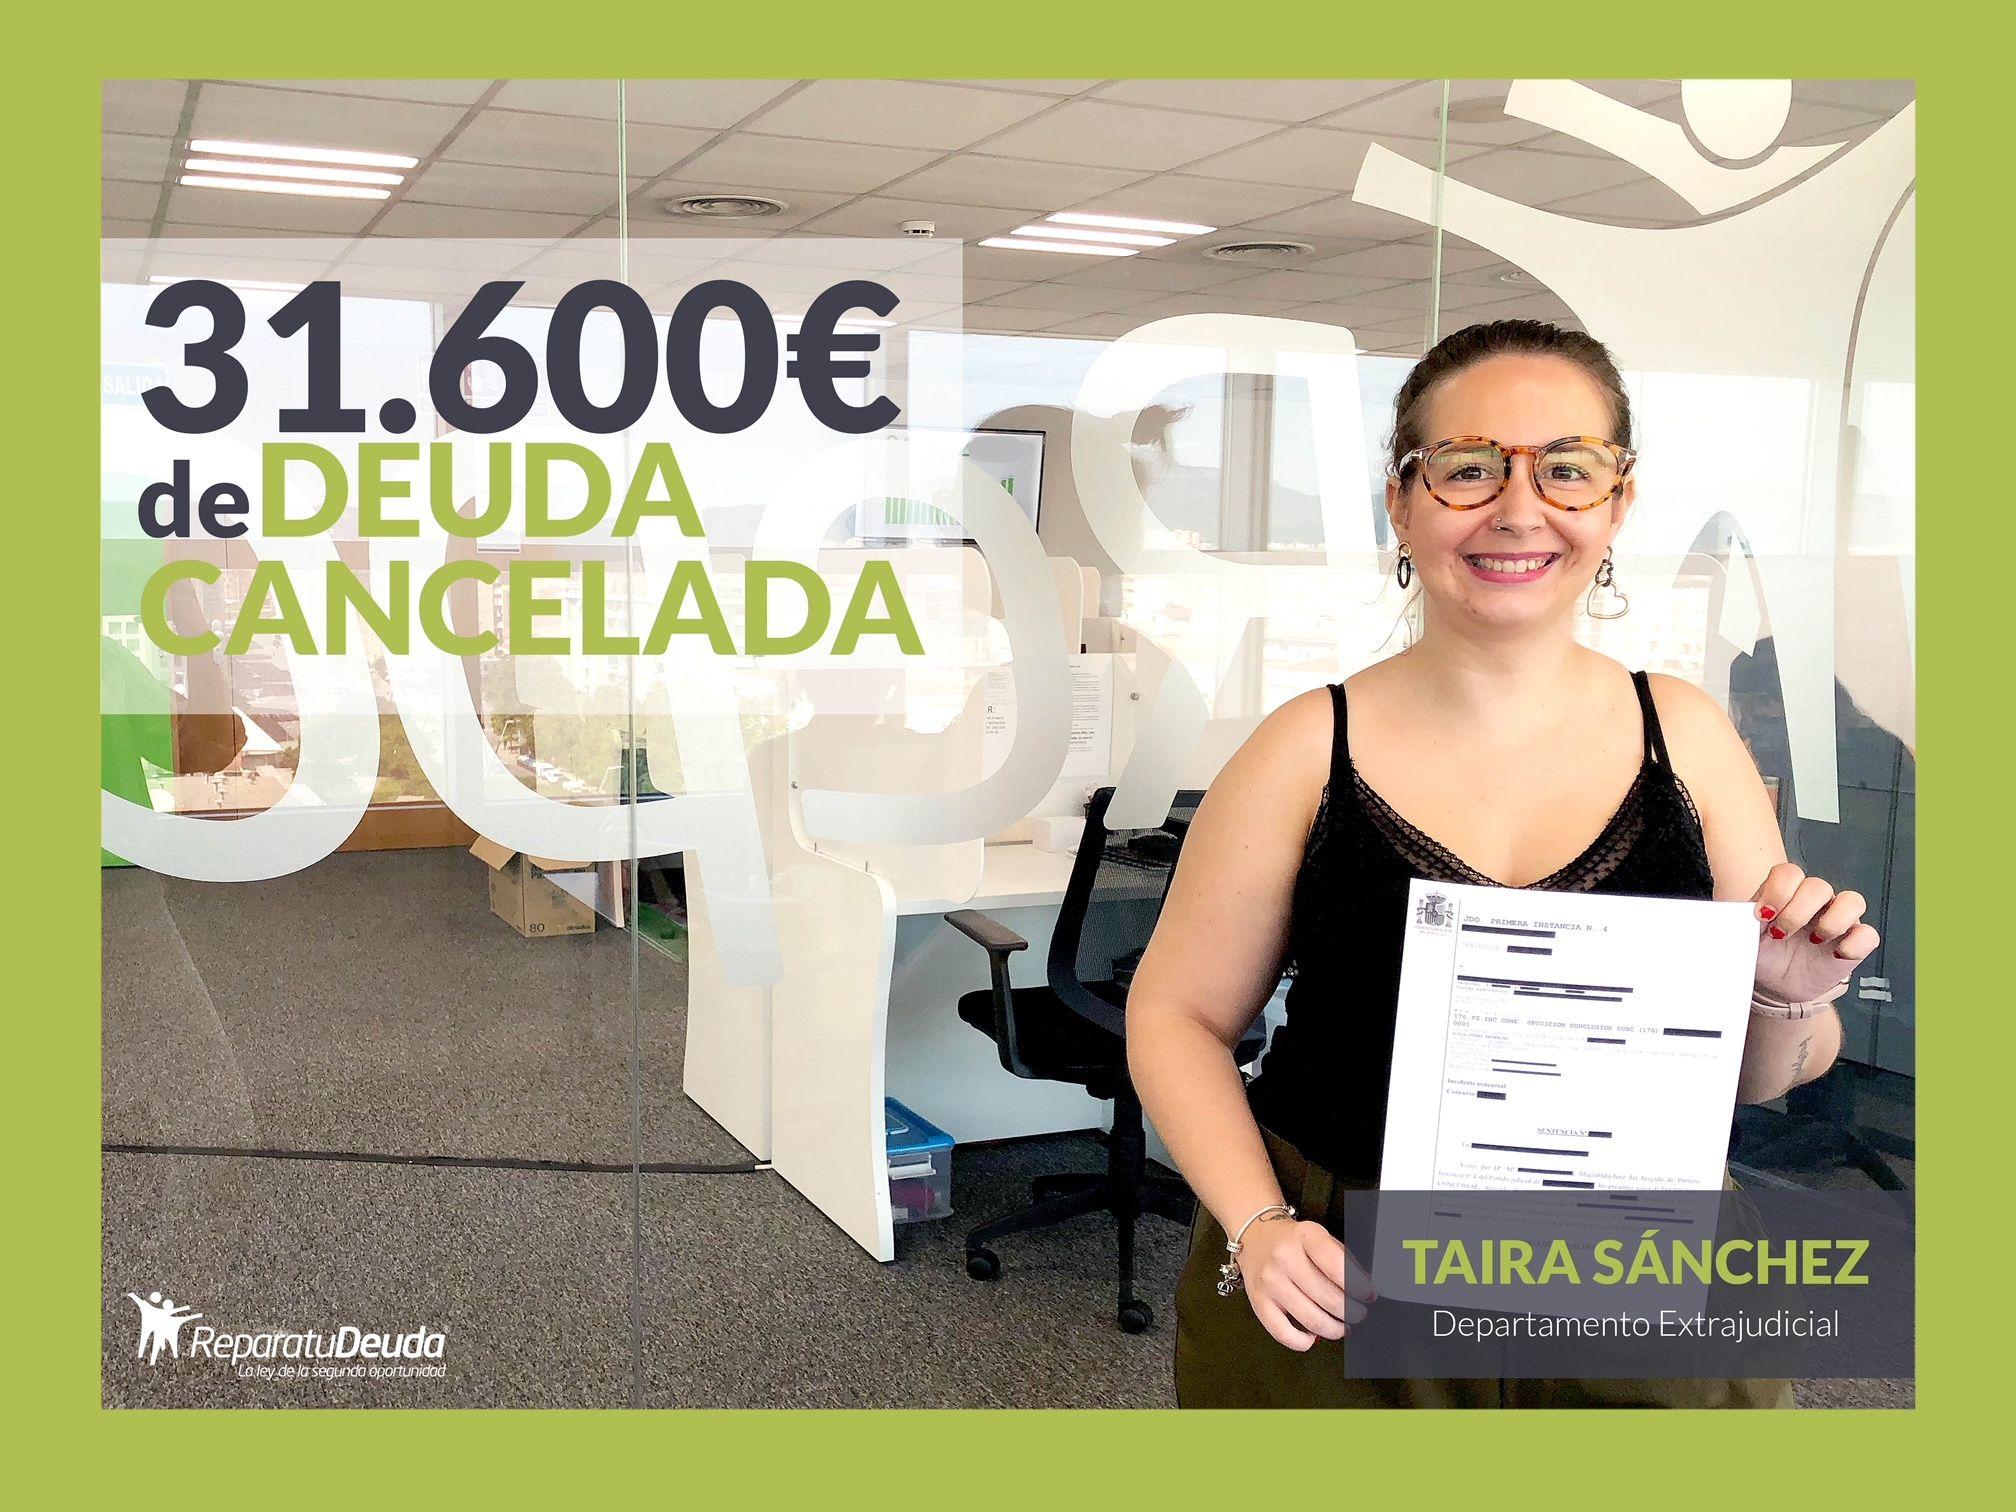 Repara tu Deuda abogados cancela 31.600 ? de deuda en Mallorca con la Ley de Segunda Oportunidad